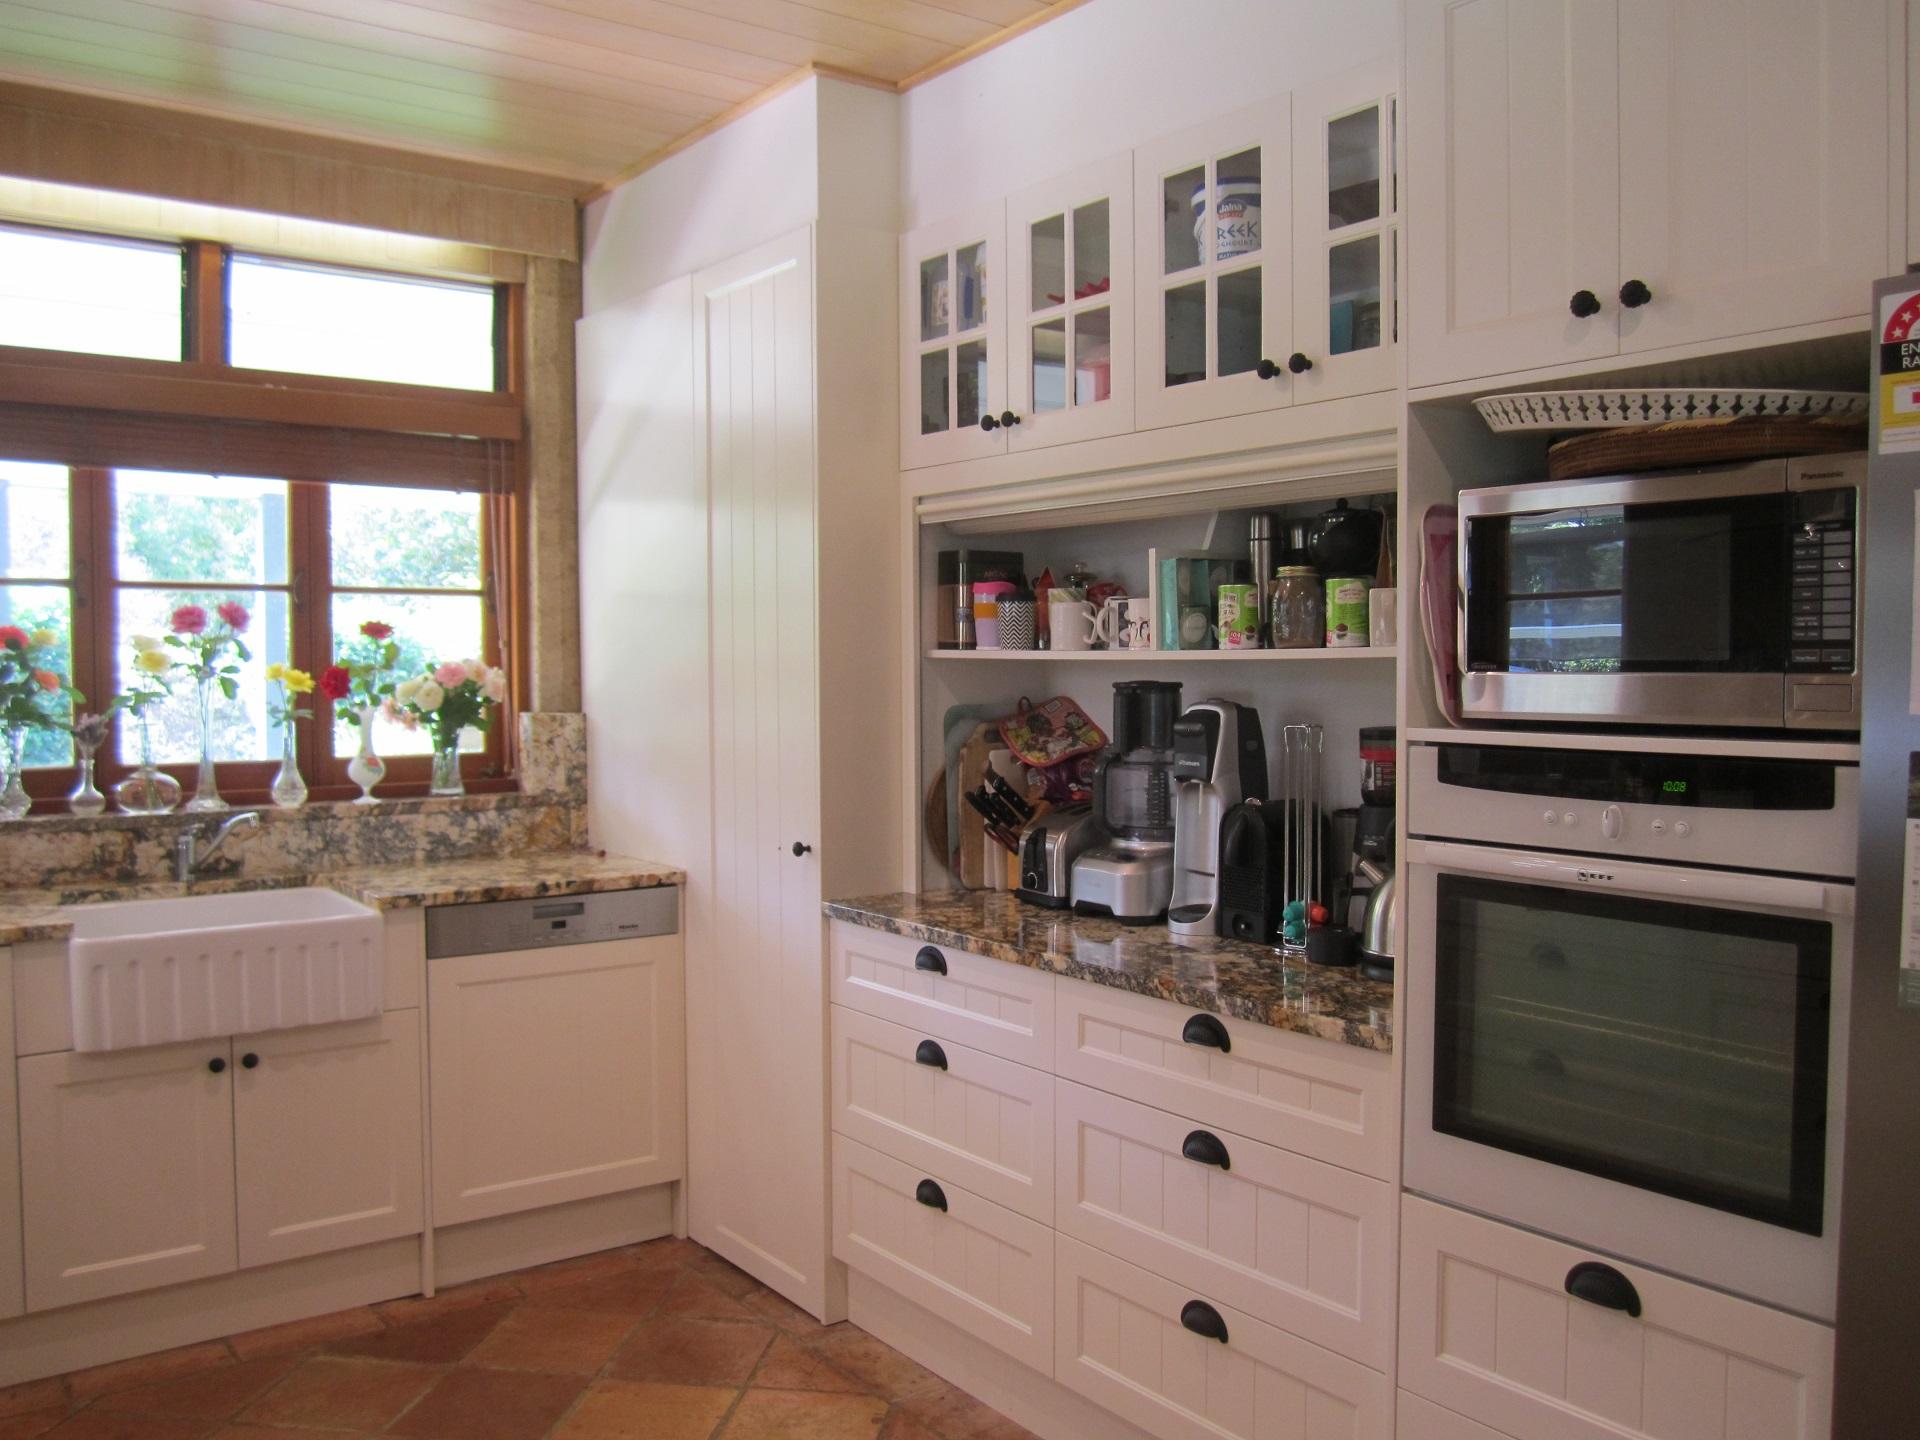 Brisbane Kitchen Design Samford  Traditional Kitchen Renovation Appliance Cupboard with Roller Door(10)